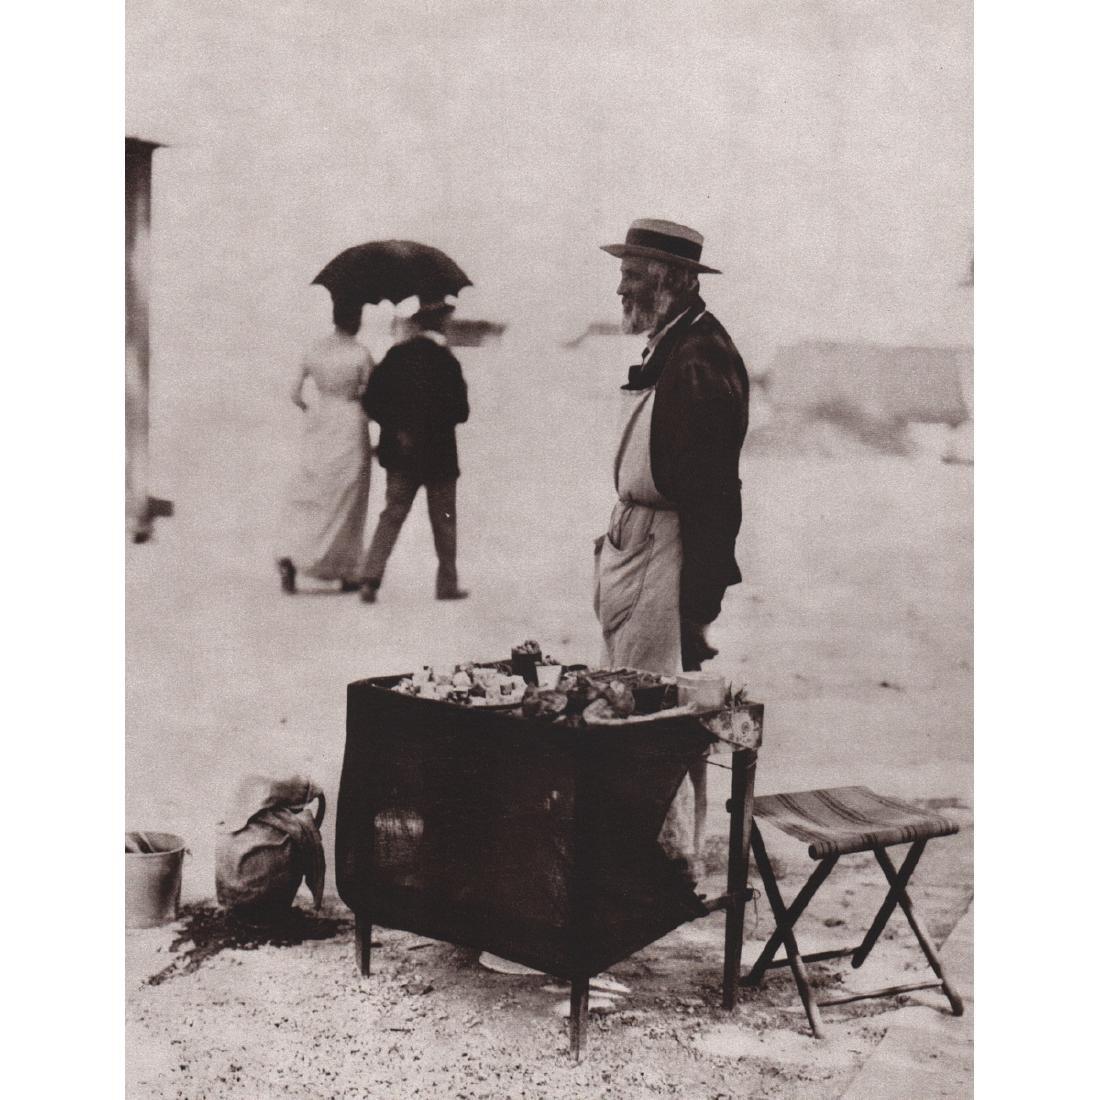 EUGENE ATGET - Marchand de nougats, 1898